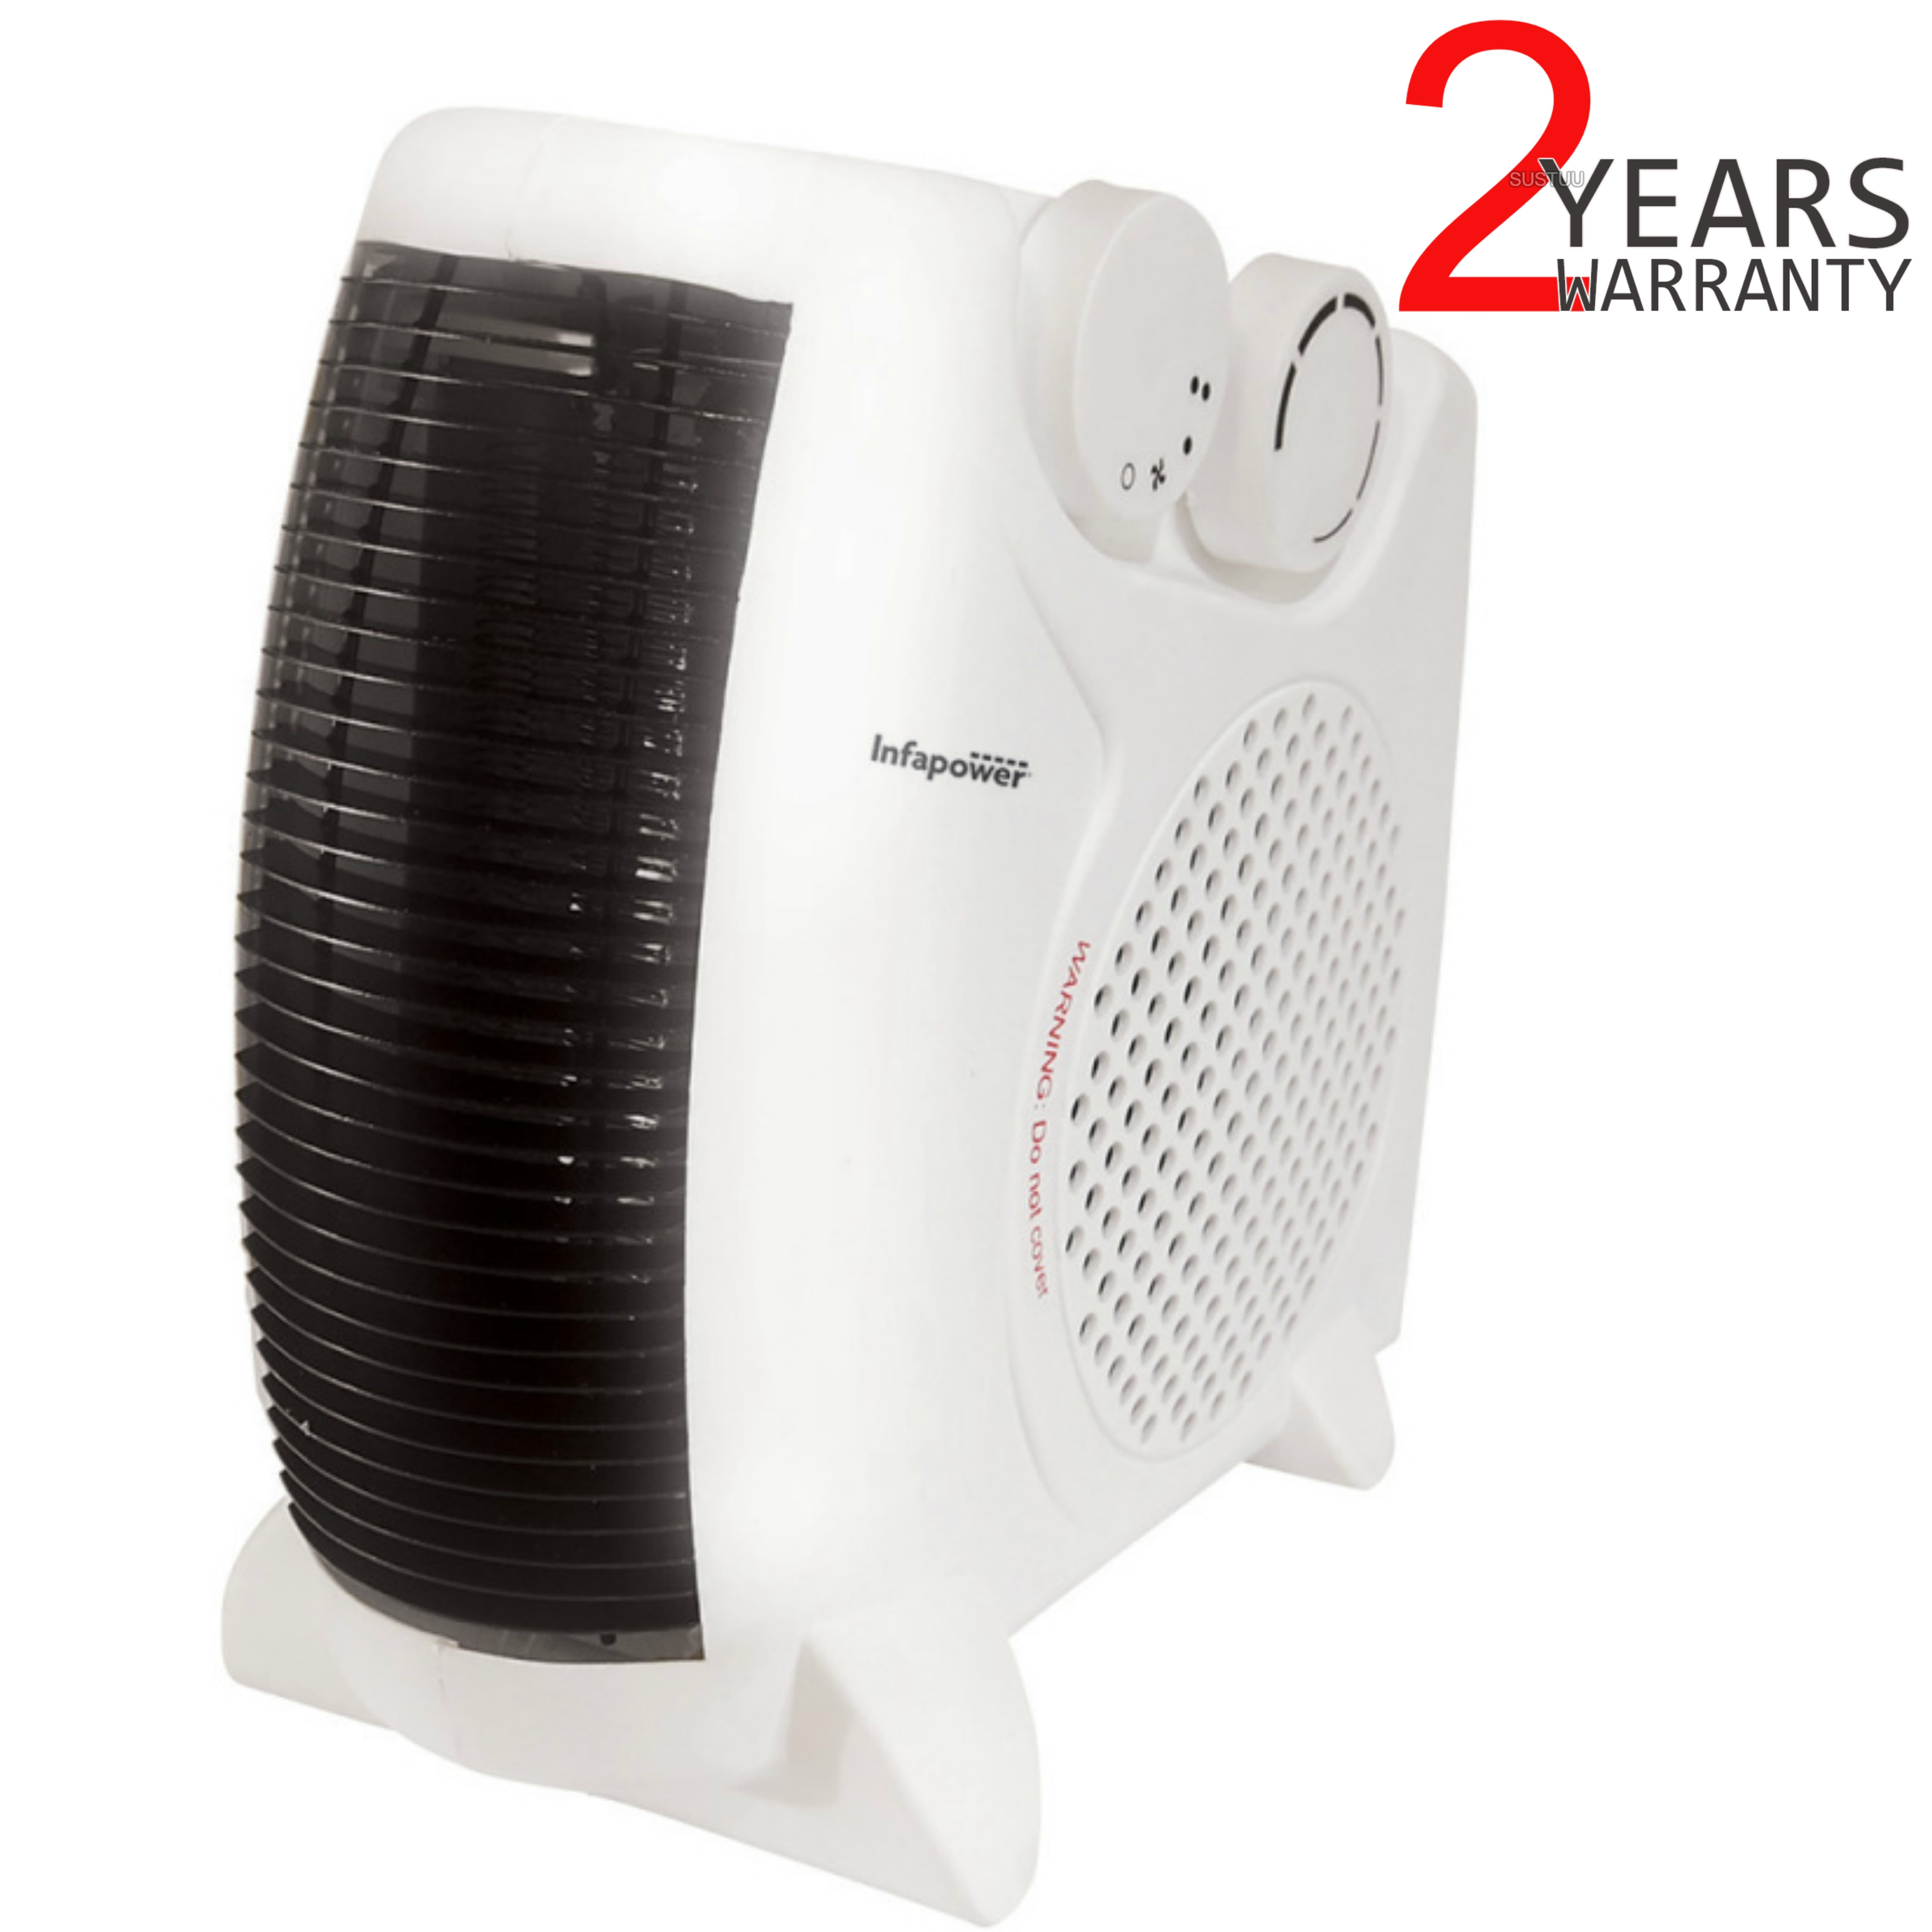 Infapower X402 Dual Position Fan Heater | 2000W | 2 Heat Settings | Turbo Fan | White